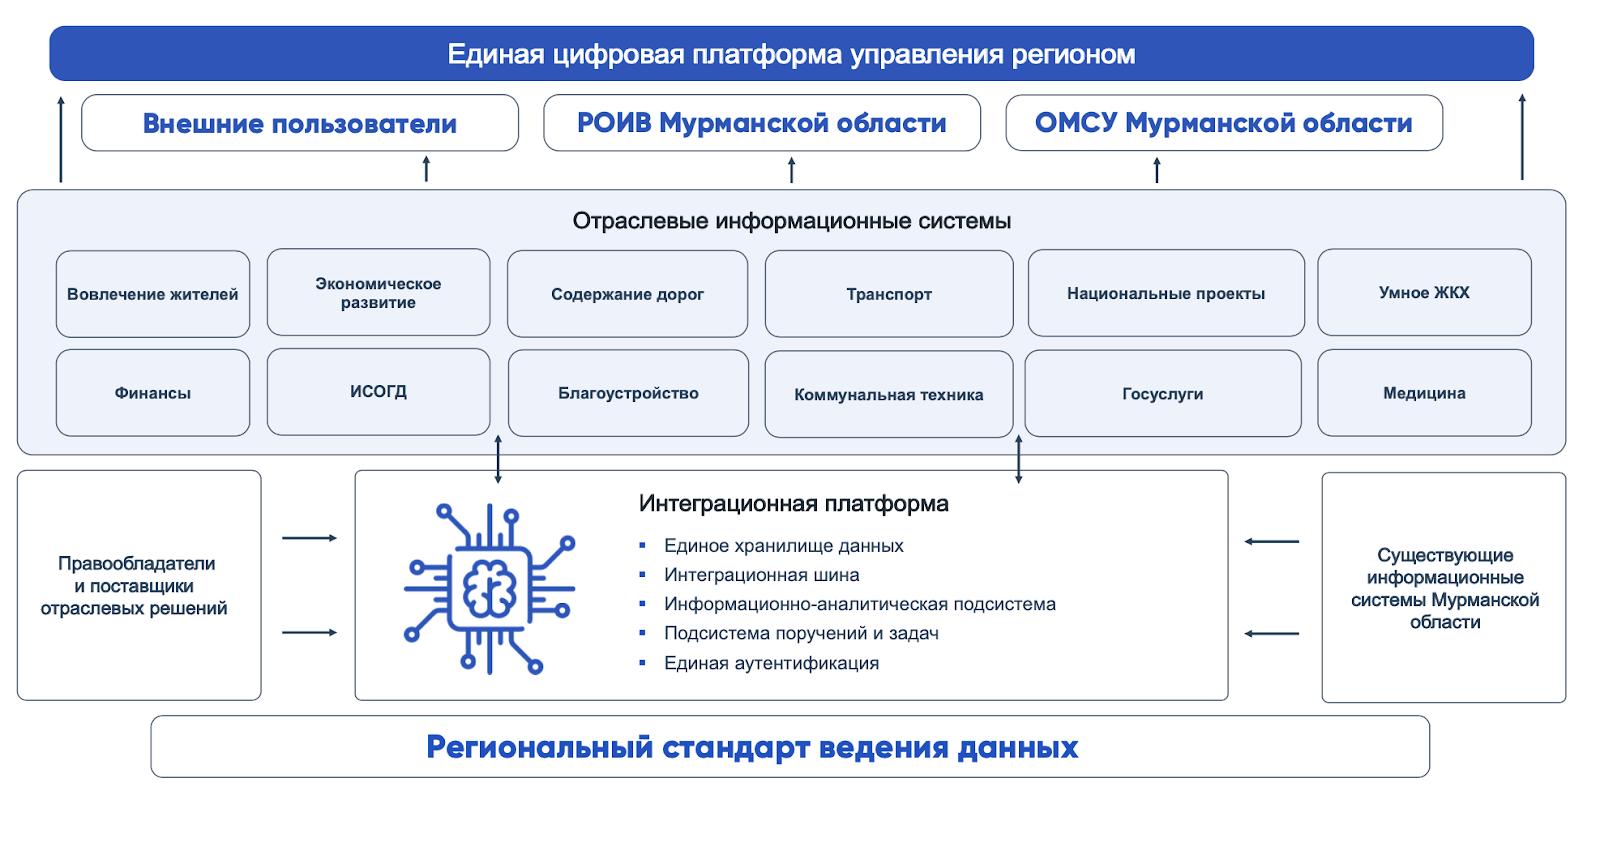 Единую платформу управления регионом уже используют в Мурманской области для контроля работы сектора ЖКХ и управления регионом в целом